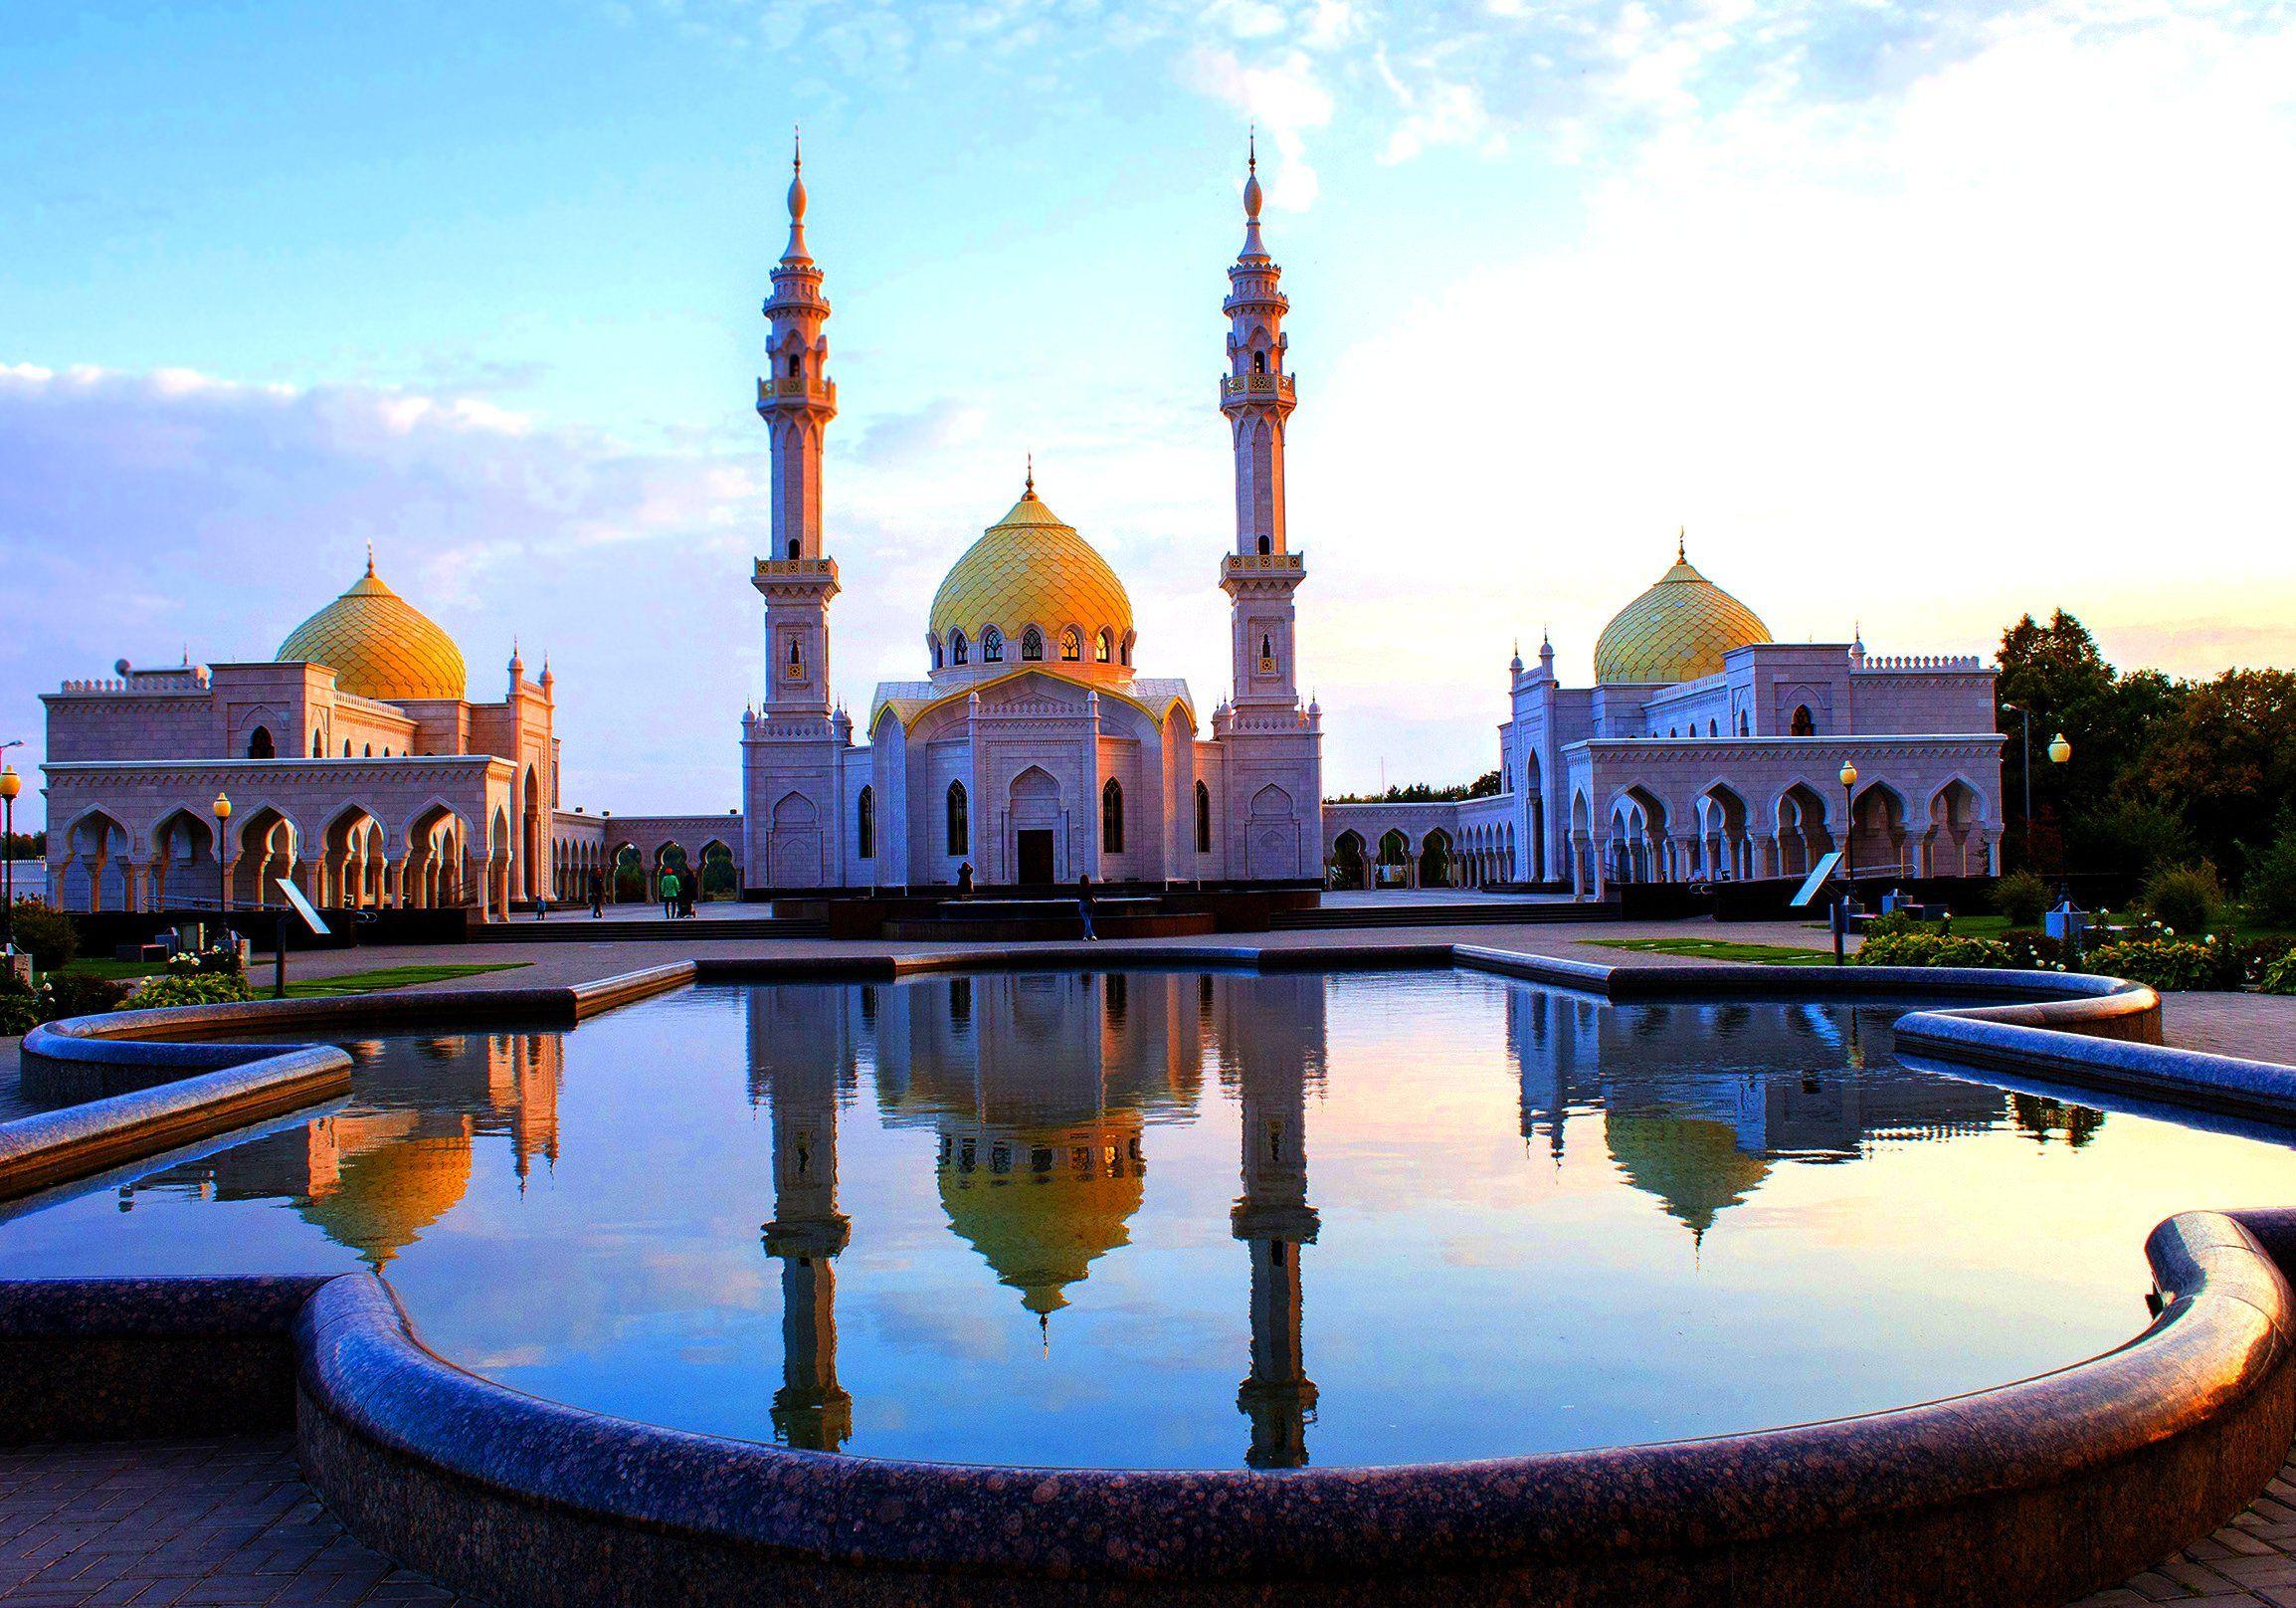 город,пейзаж,архитектура, вечер, мусульманство, мечеть, болгар, белая мечеть, отражение, Александр Кожухов